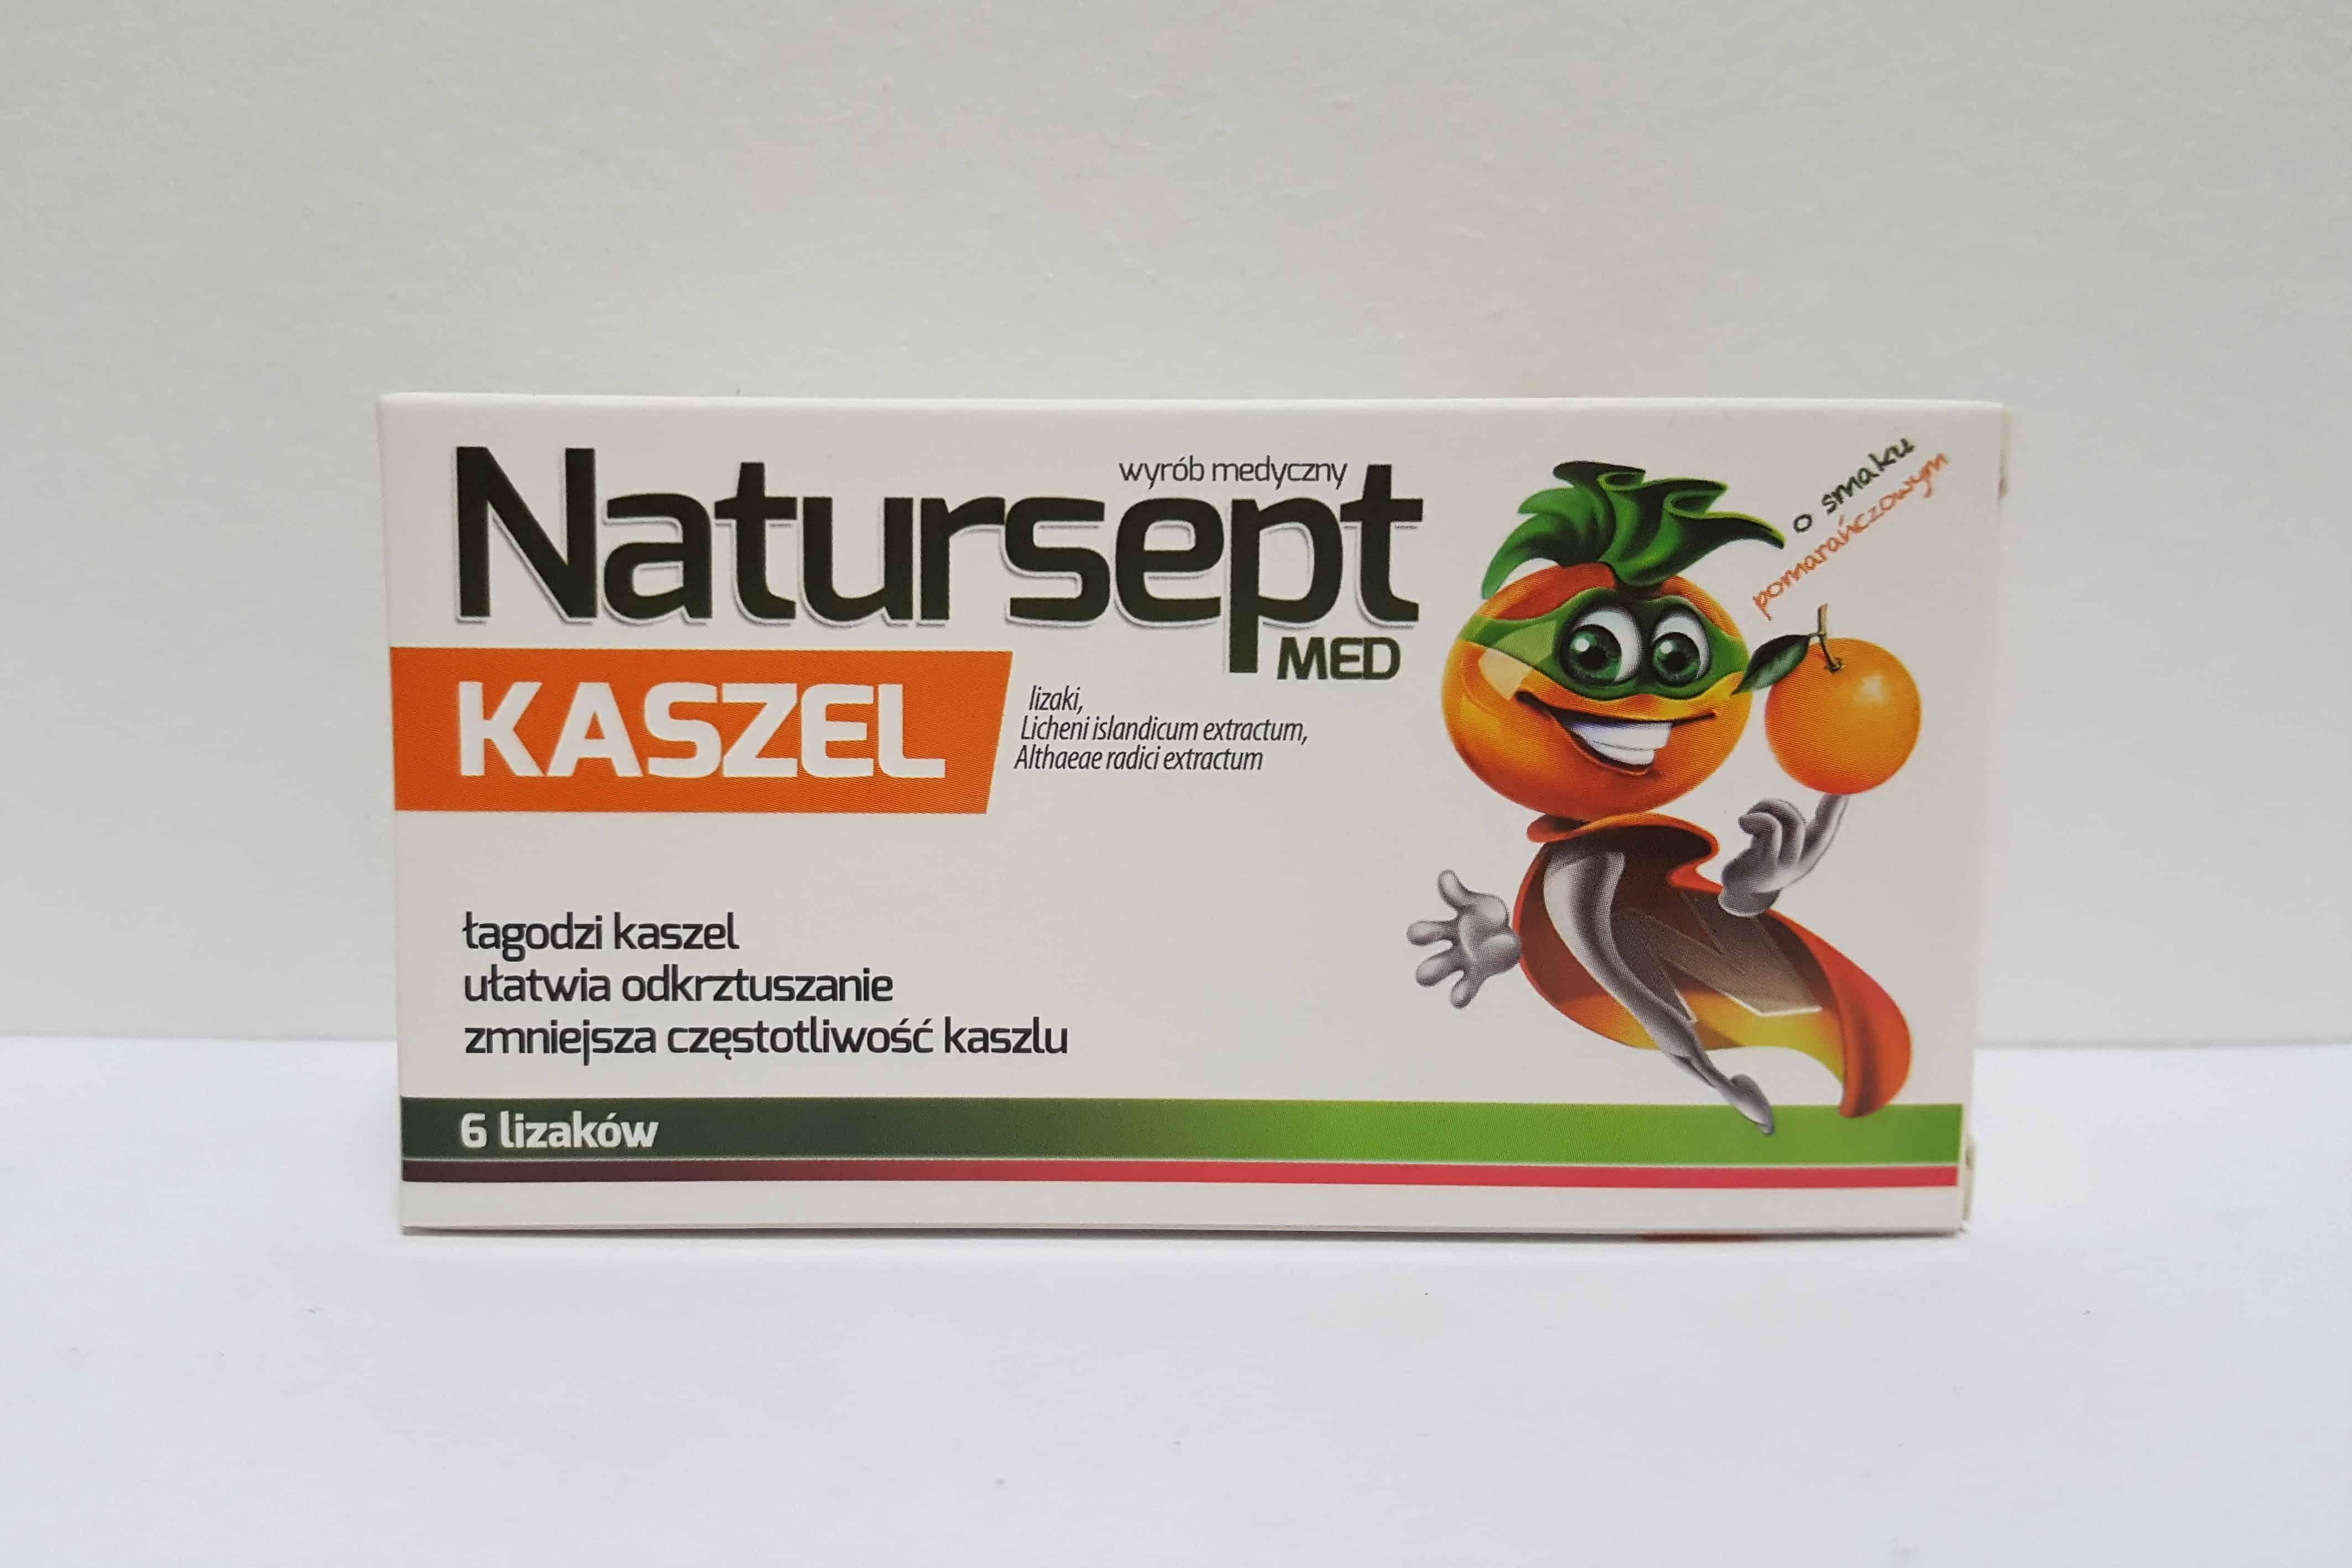 Natursept Med Kaszel lizaki wyrób medyczny Matka Aptekarka